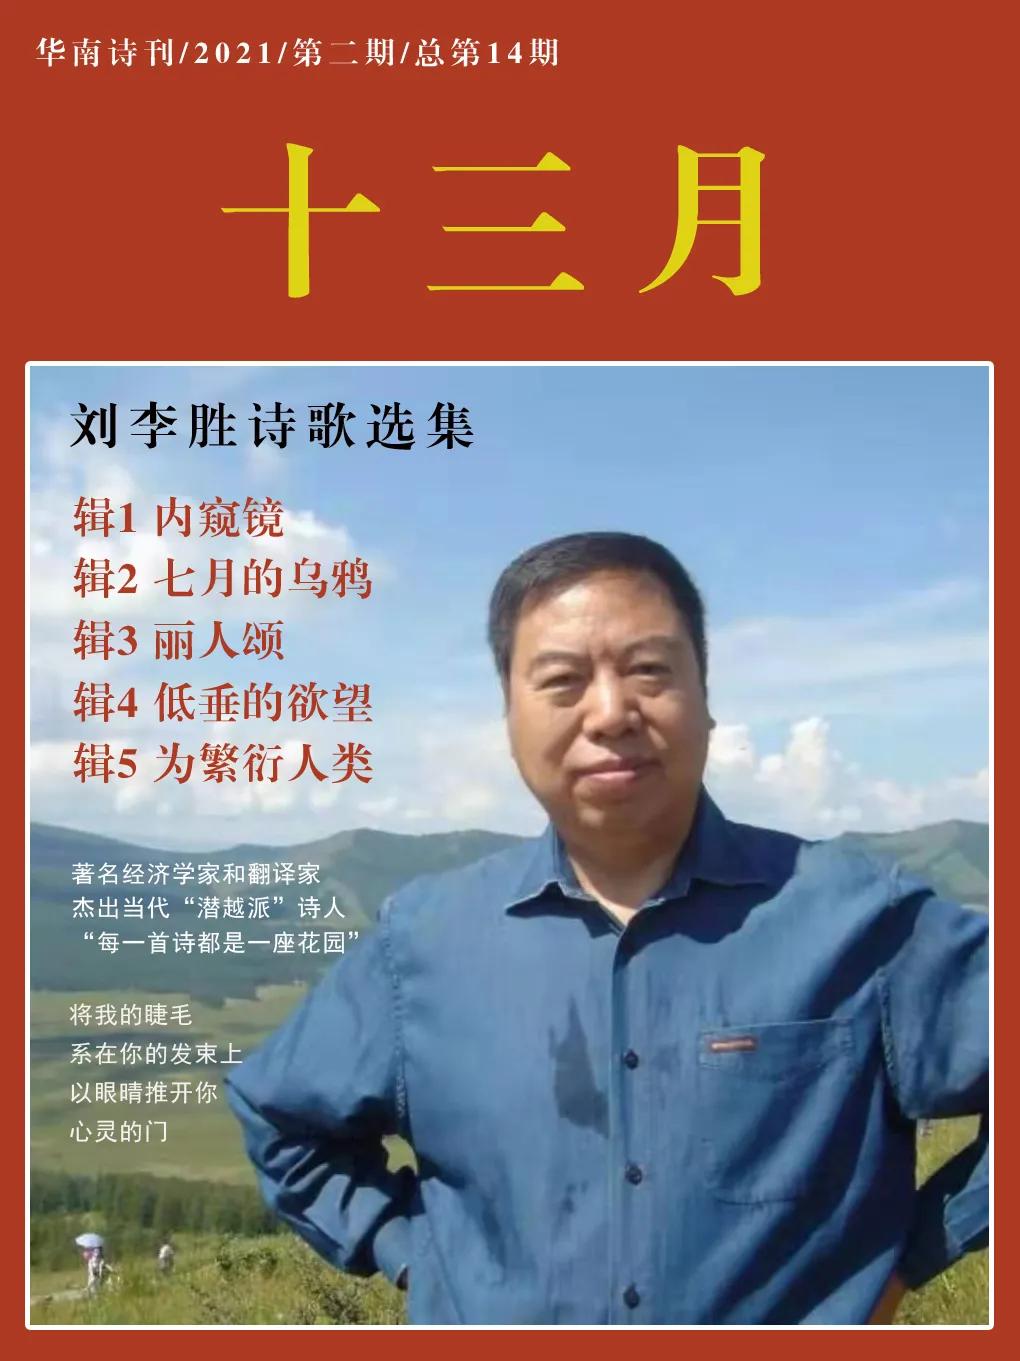 优美而深刻的刘李胜新诗集《十三月》首次出版并热销